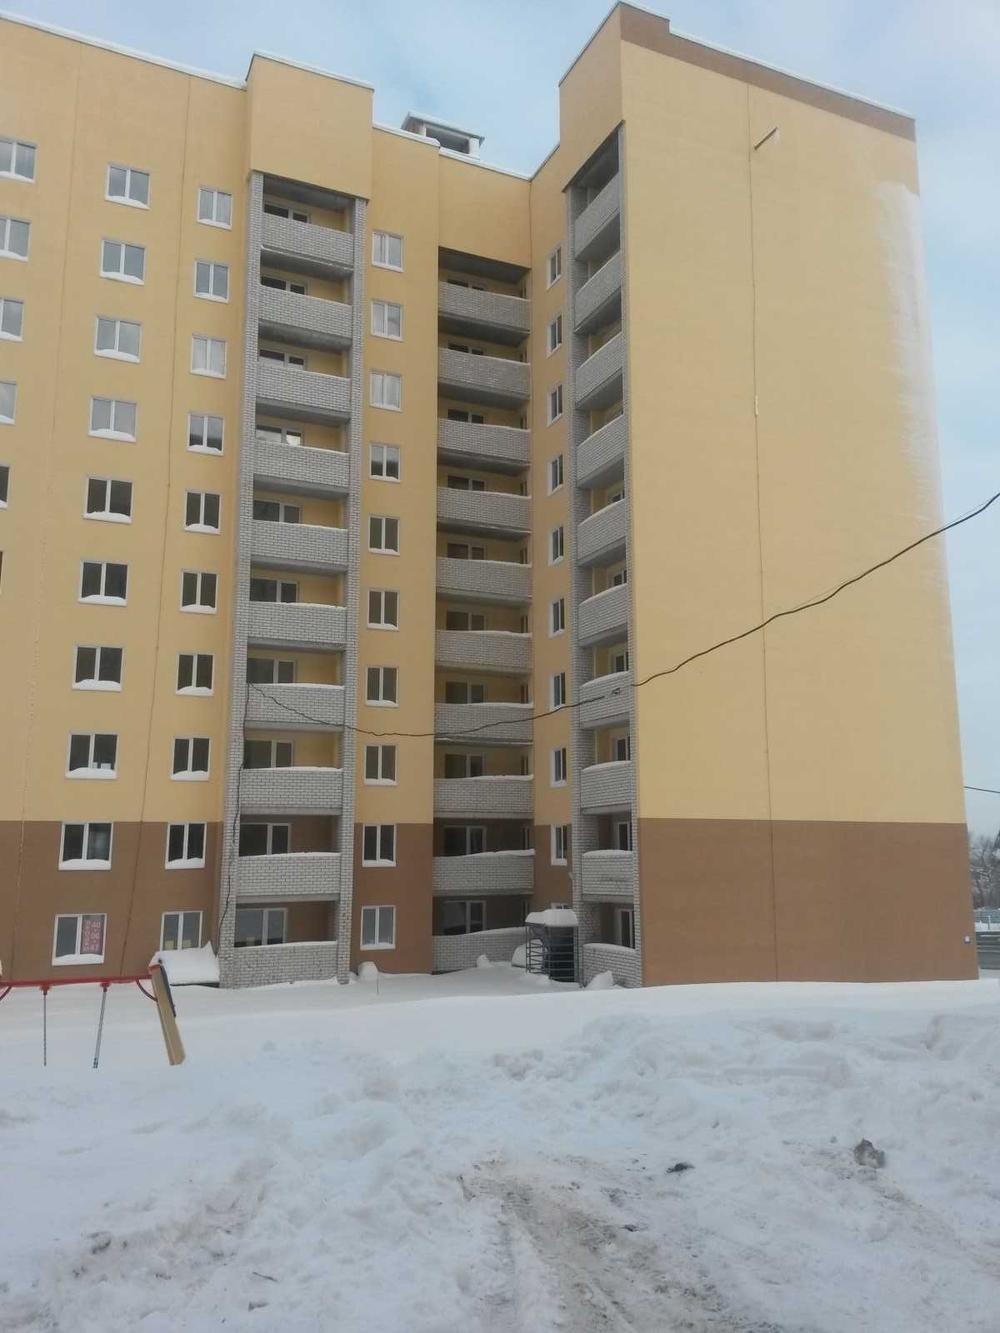 Продам 1-комнатную квартиру в городе Саратов, на улице Николая Чихарева, 10, 3-этаж 10-этажного Кирпич дома, площадь: 35/18/8 м2